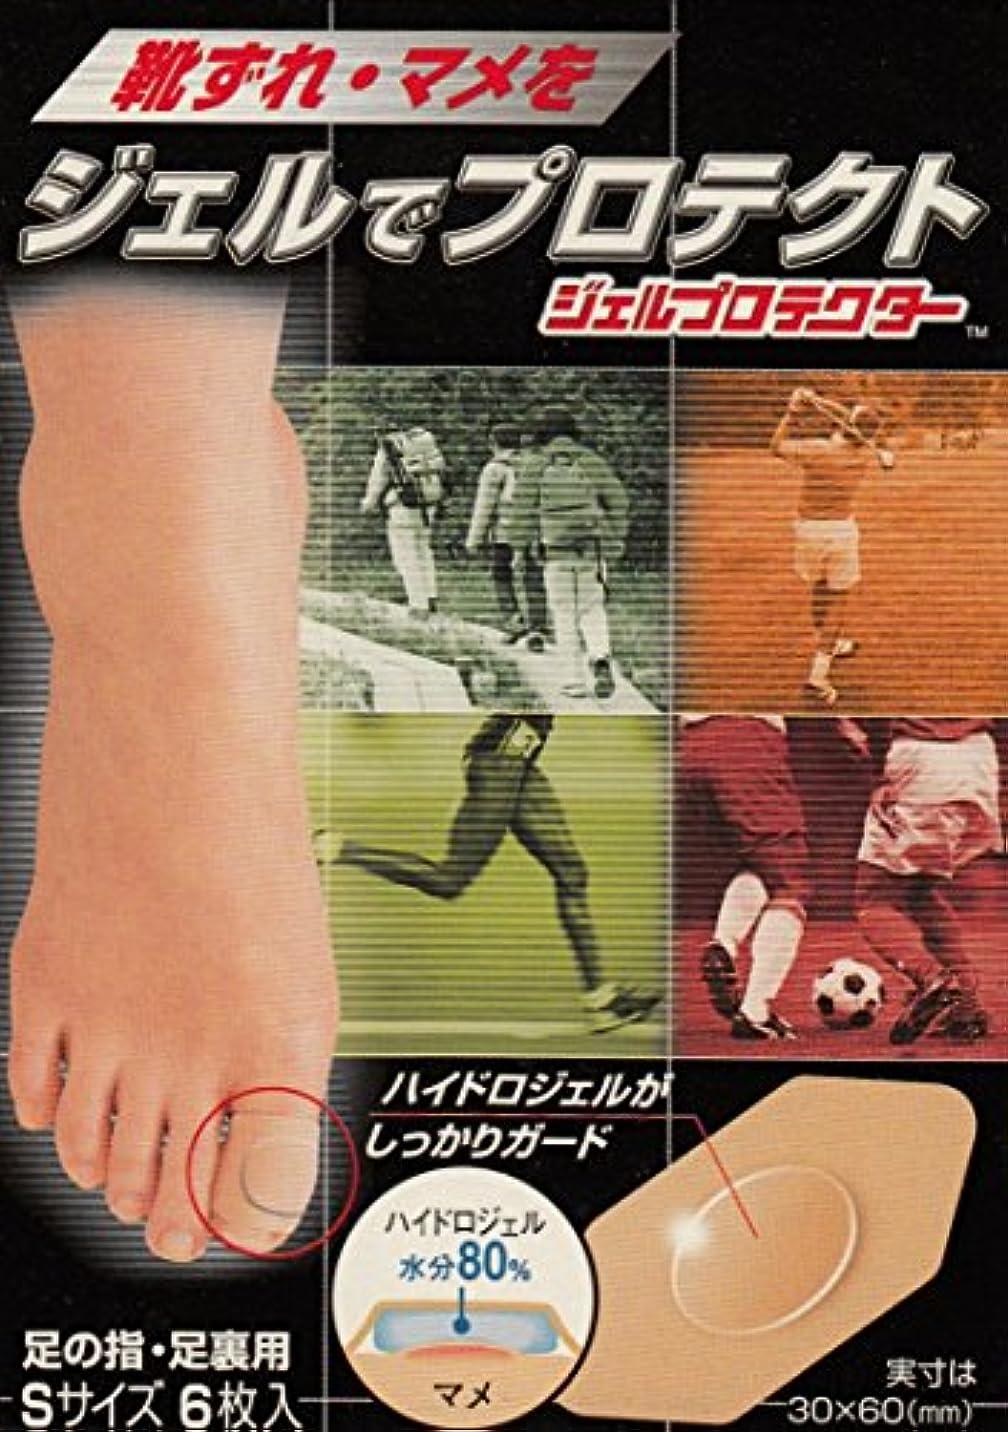 ダーベビルのテスプログラムクルー【ニチバン】バトルウィン ジェルプロテクター 足の指?足裏用 Sサイズ6枚 ×3個セット